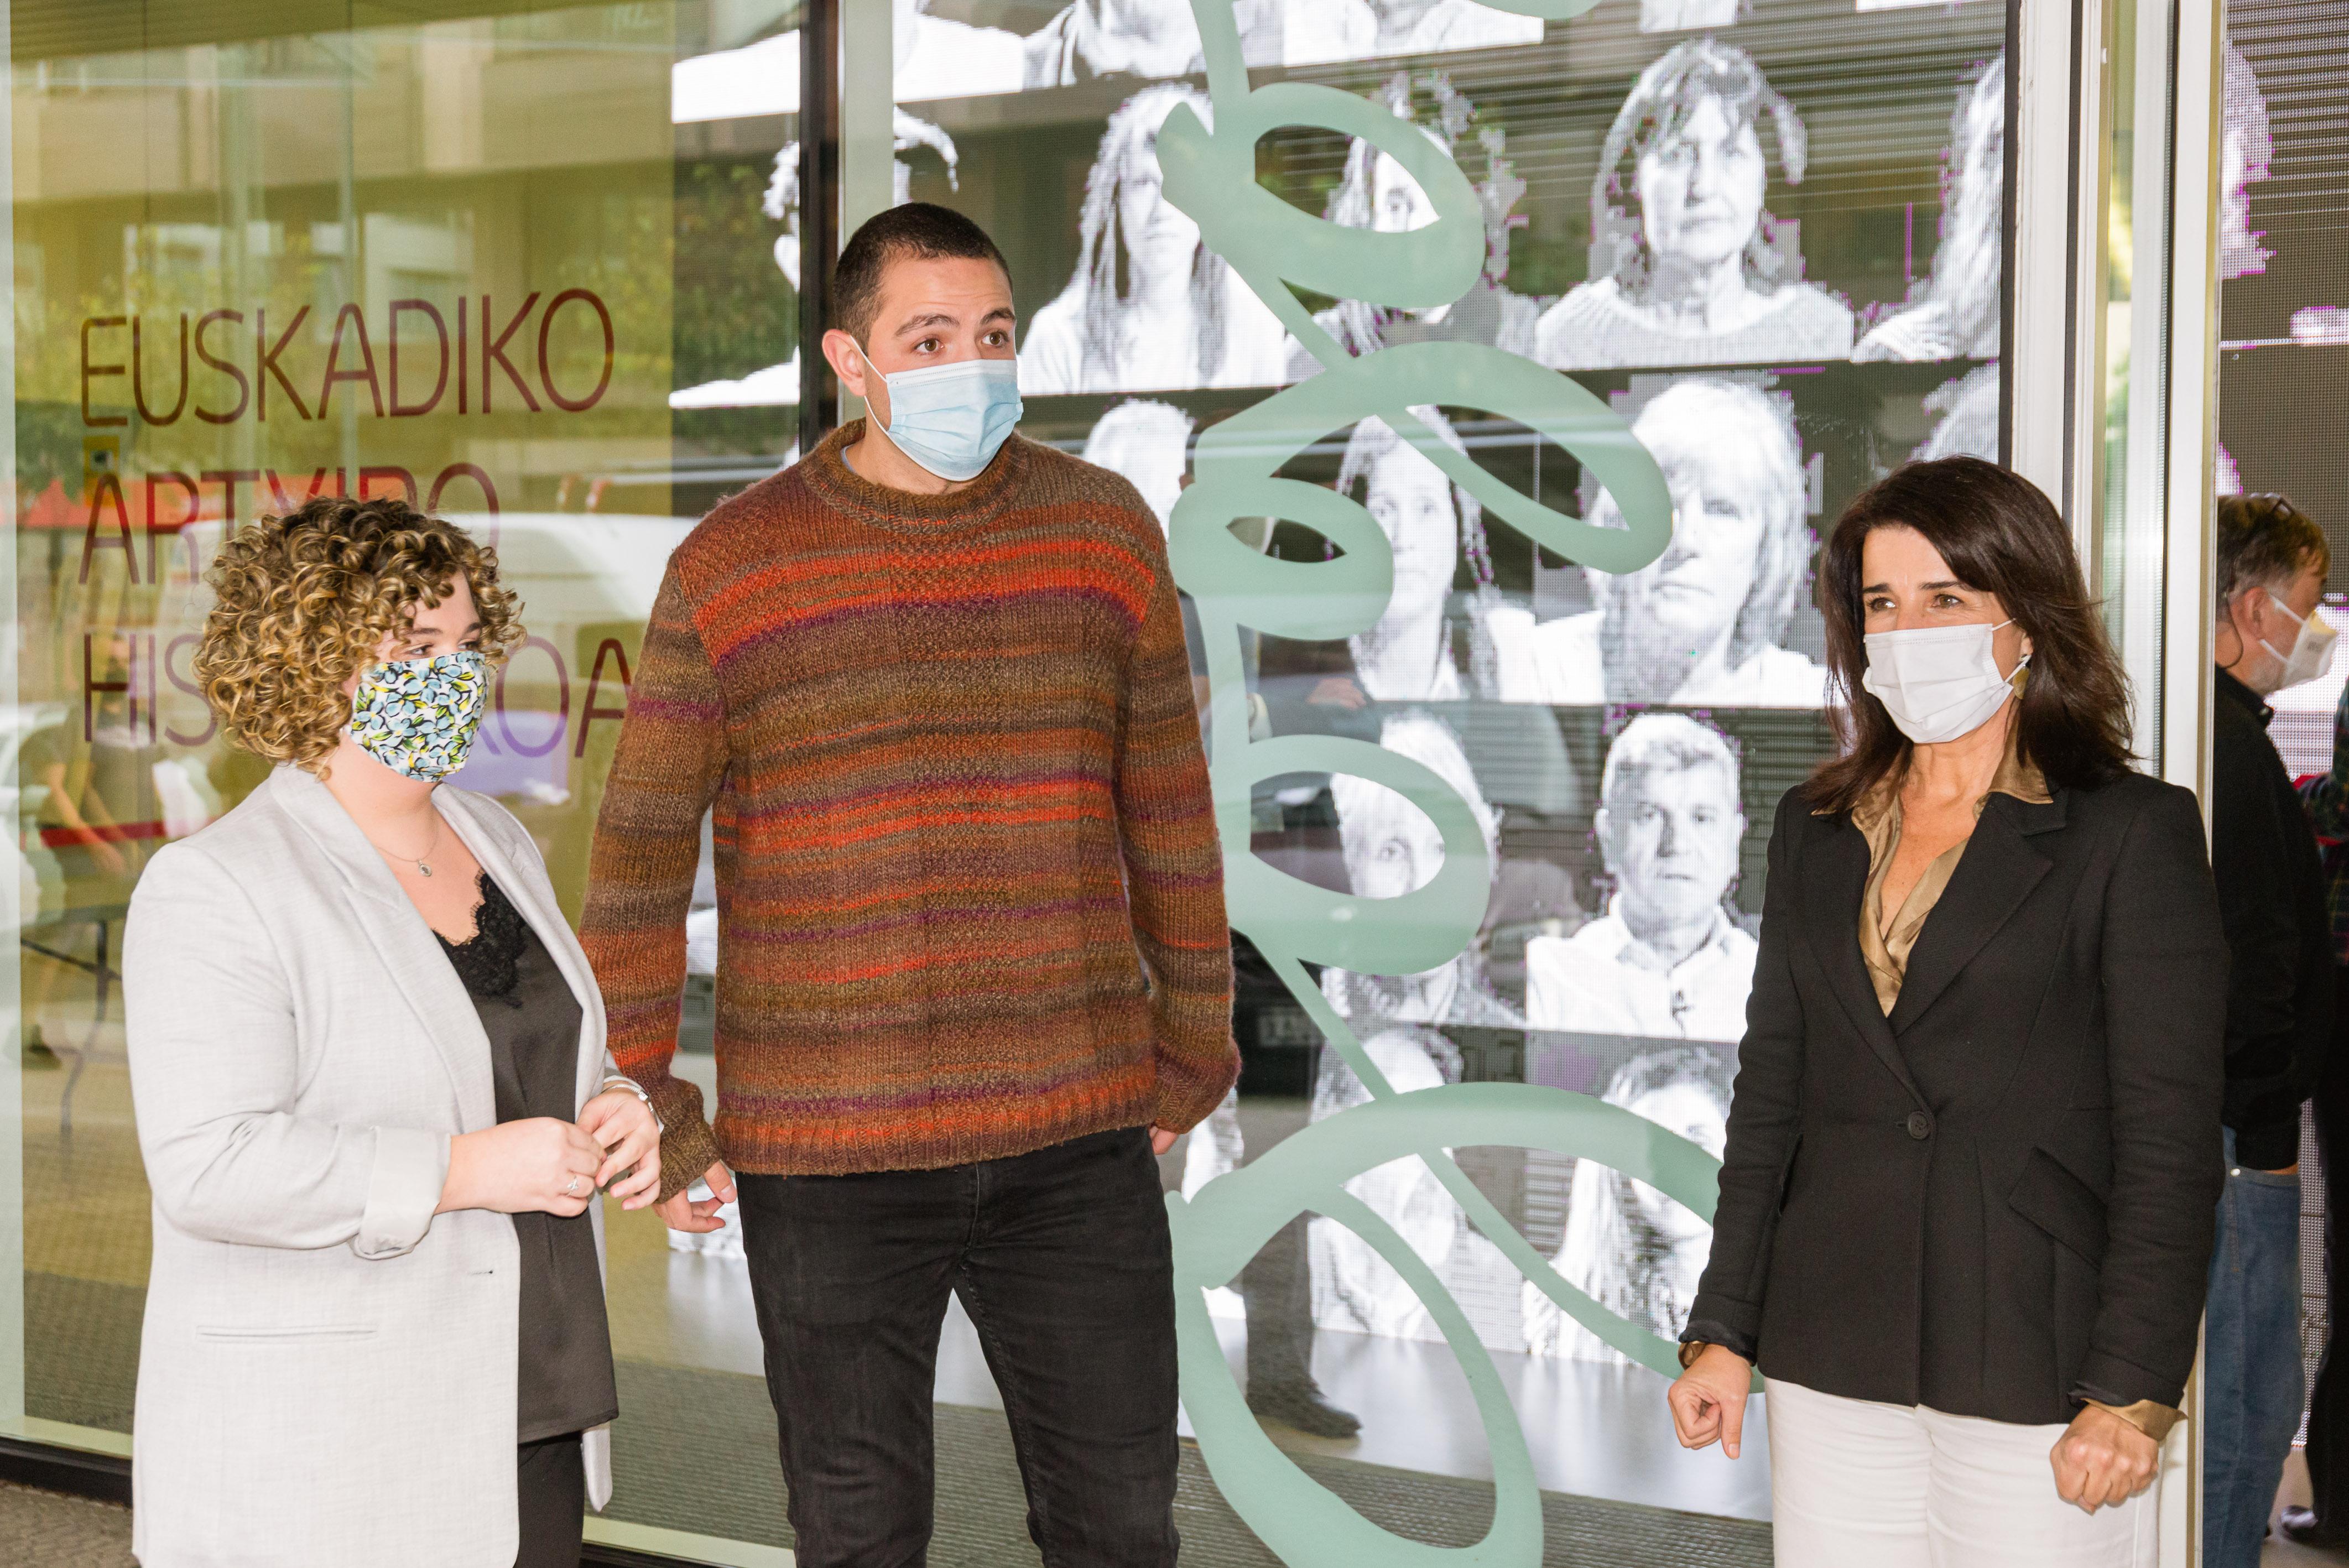 Dia-memoria_Bilbao_10-11-2020_usual-6300.jpg